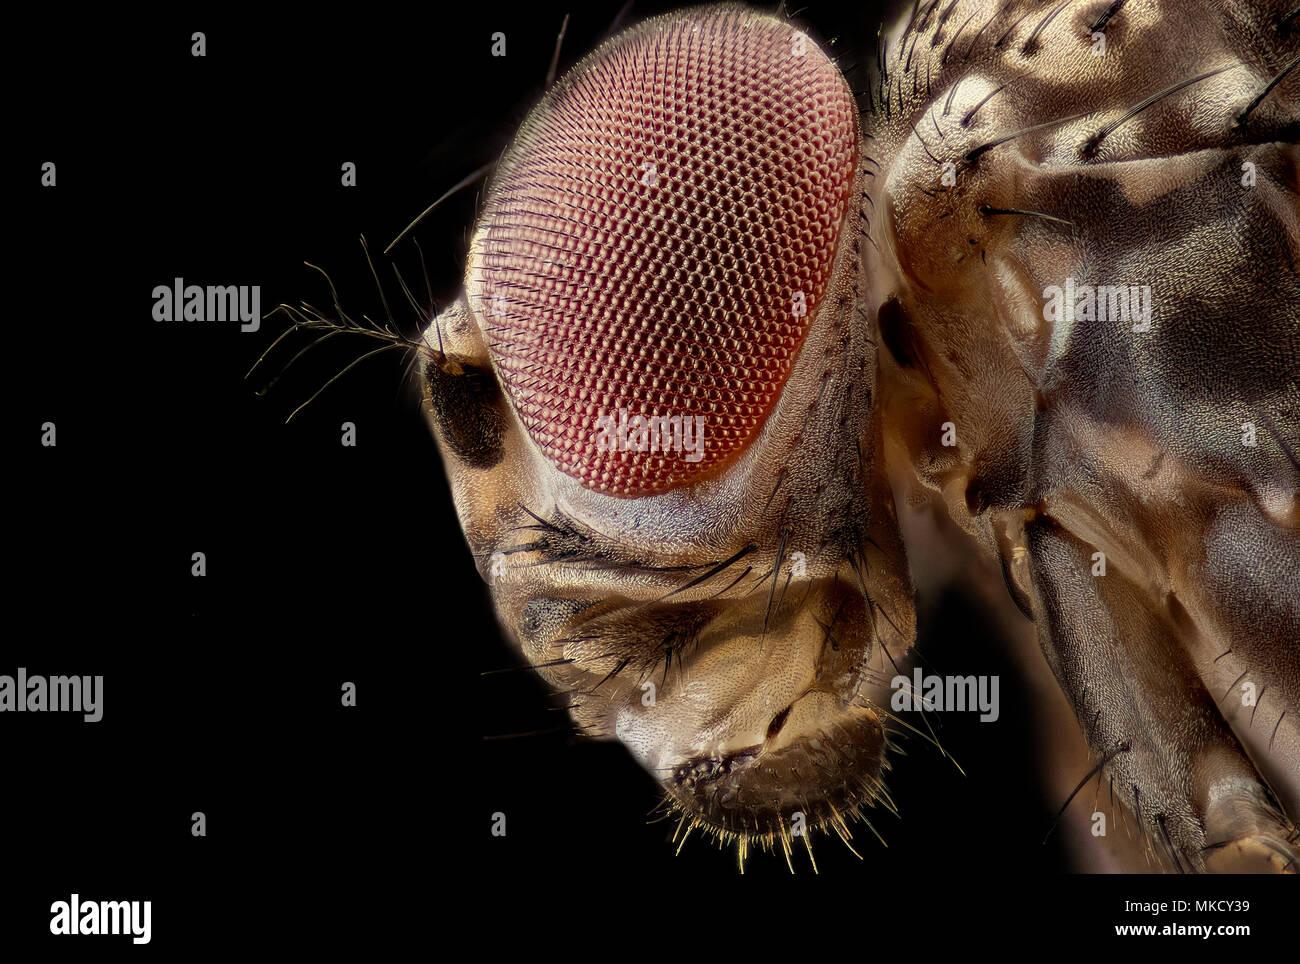 Drosophila melanogaster - fruit fly Stock Photo